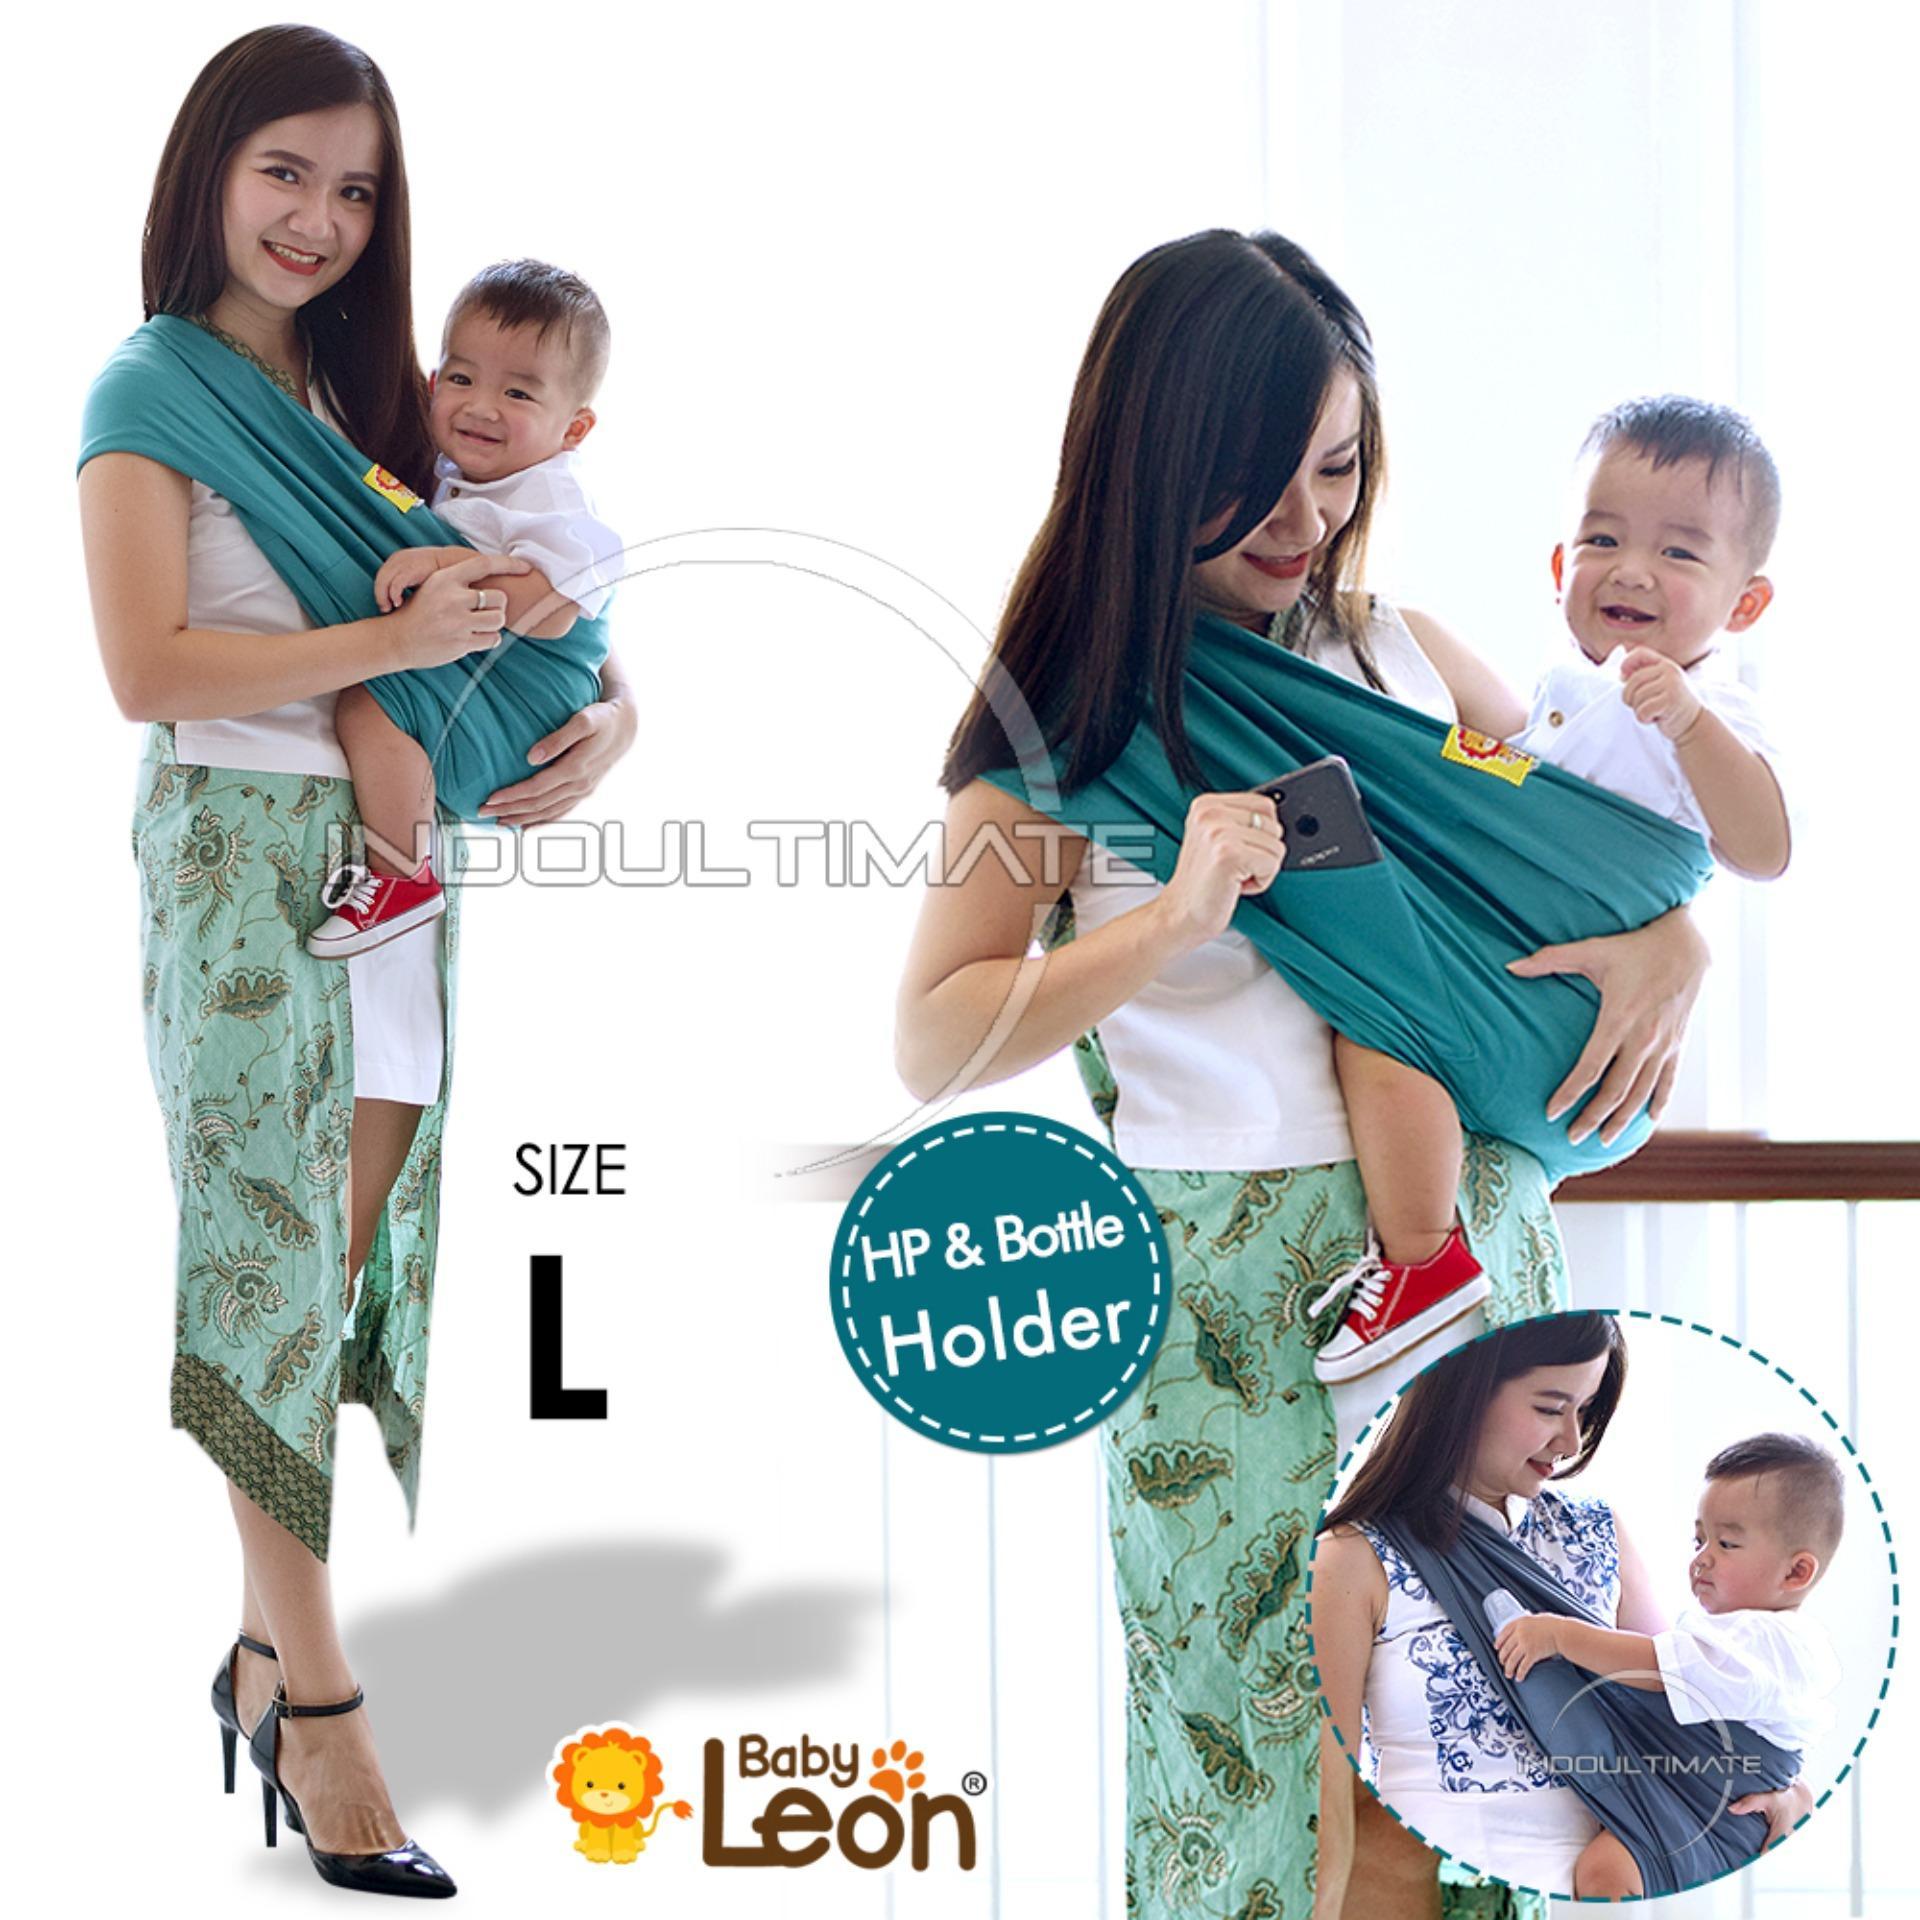 Baby Leon Gendongan Bayi Kaos/geos/selendang Bayi Praktis By 44 Gb Polos Ukuran L By Indo Ultimate.